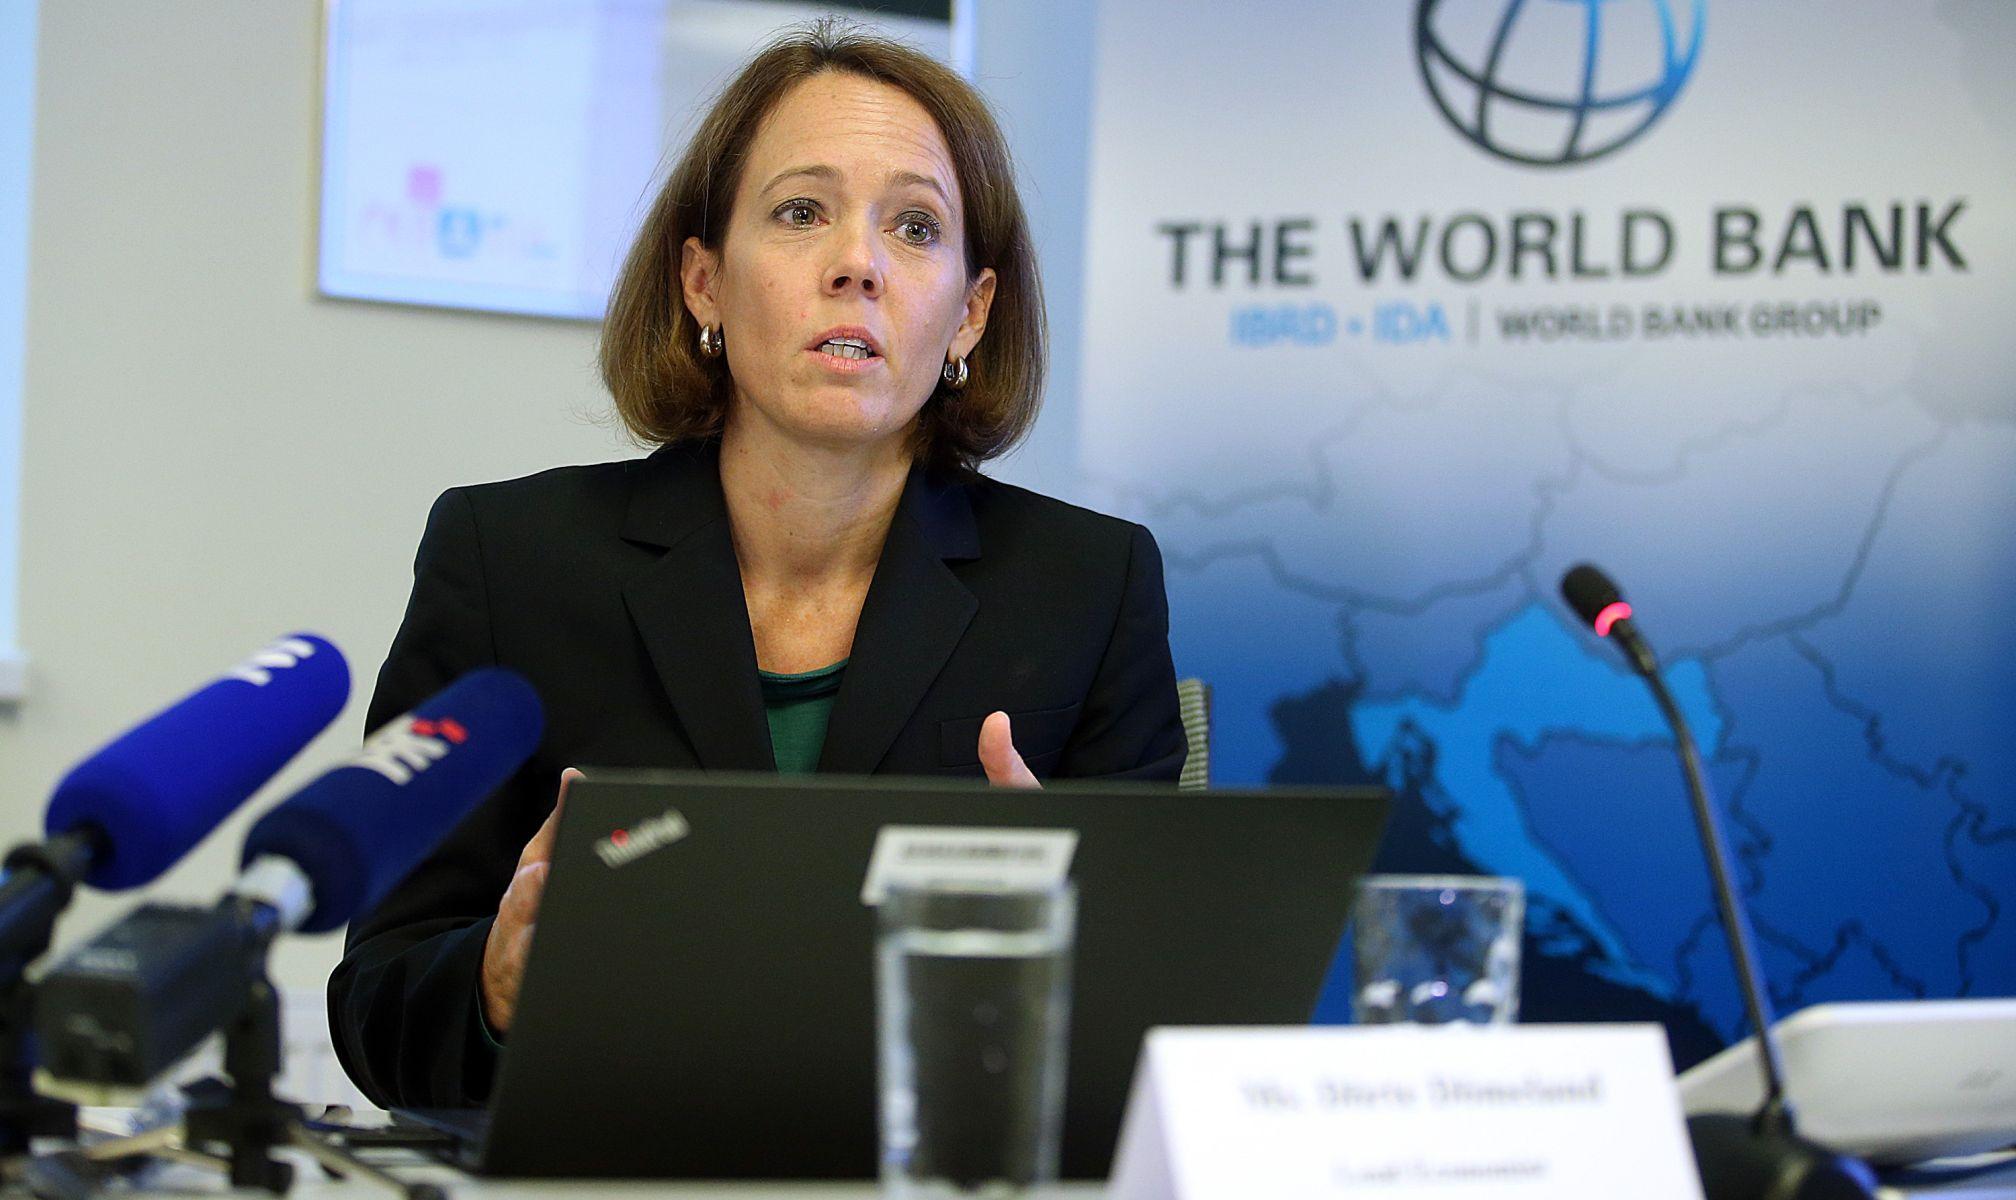 SVJETSKA BANKA Globalni rast blago ubrzava, za Hrvatsku podignute procjene rasta